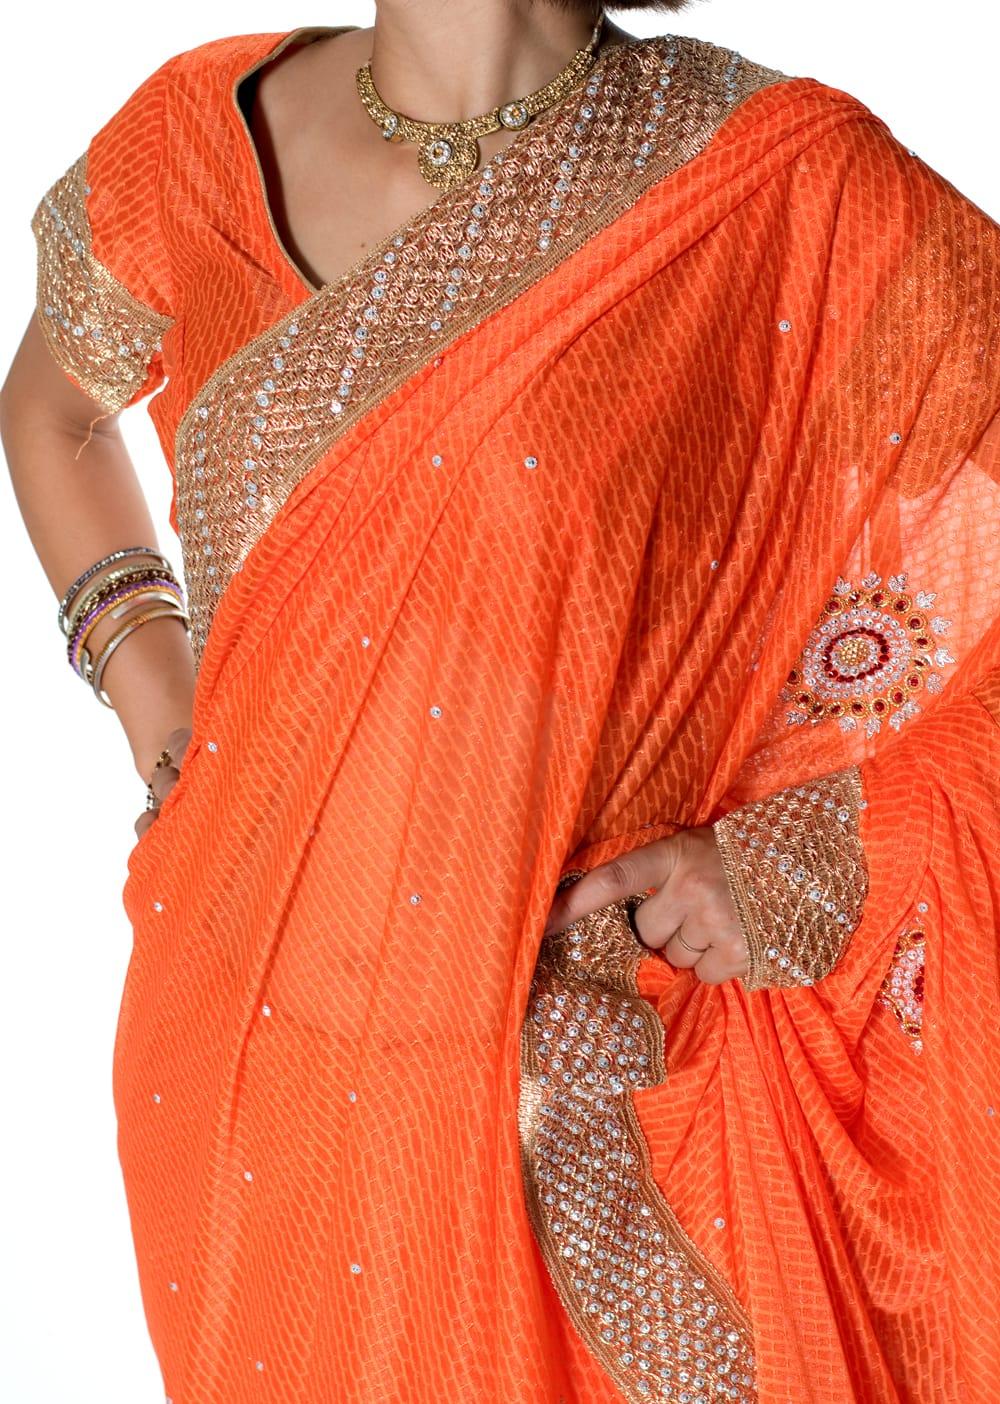 金糸とビーズ刺繍 レンガ模様のマハラニインドサリー【チョリ付き】 - オレンジ 5 - 拡大写真です